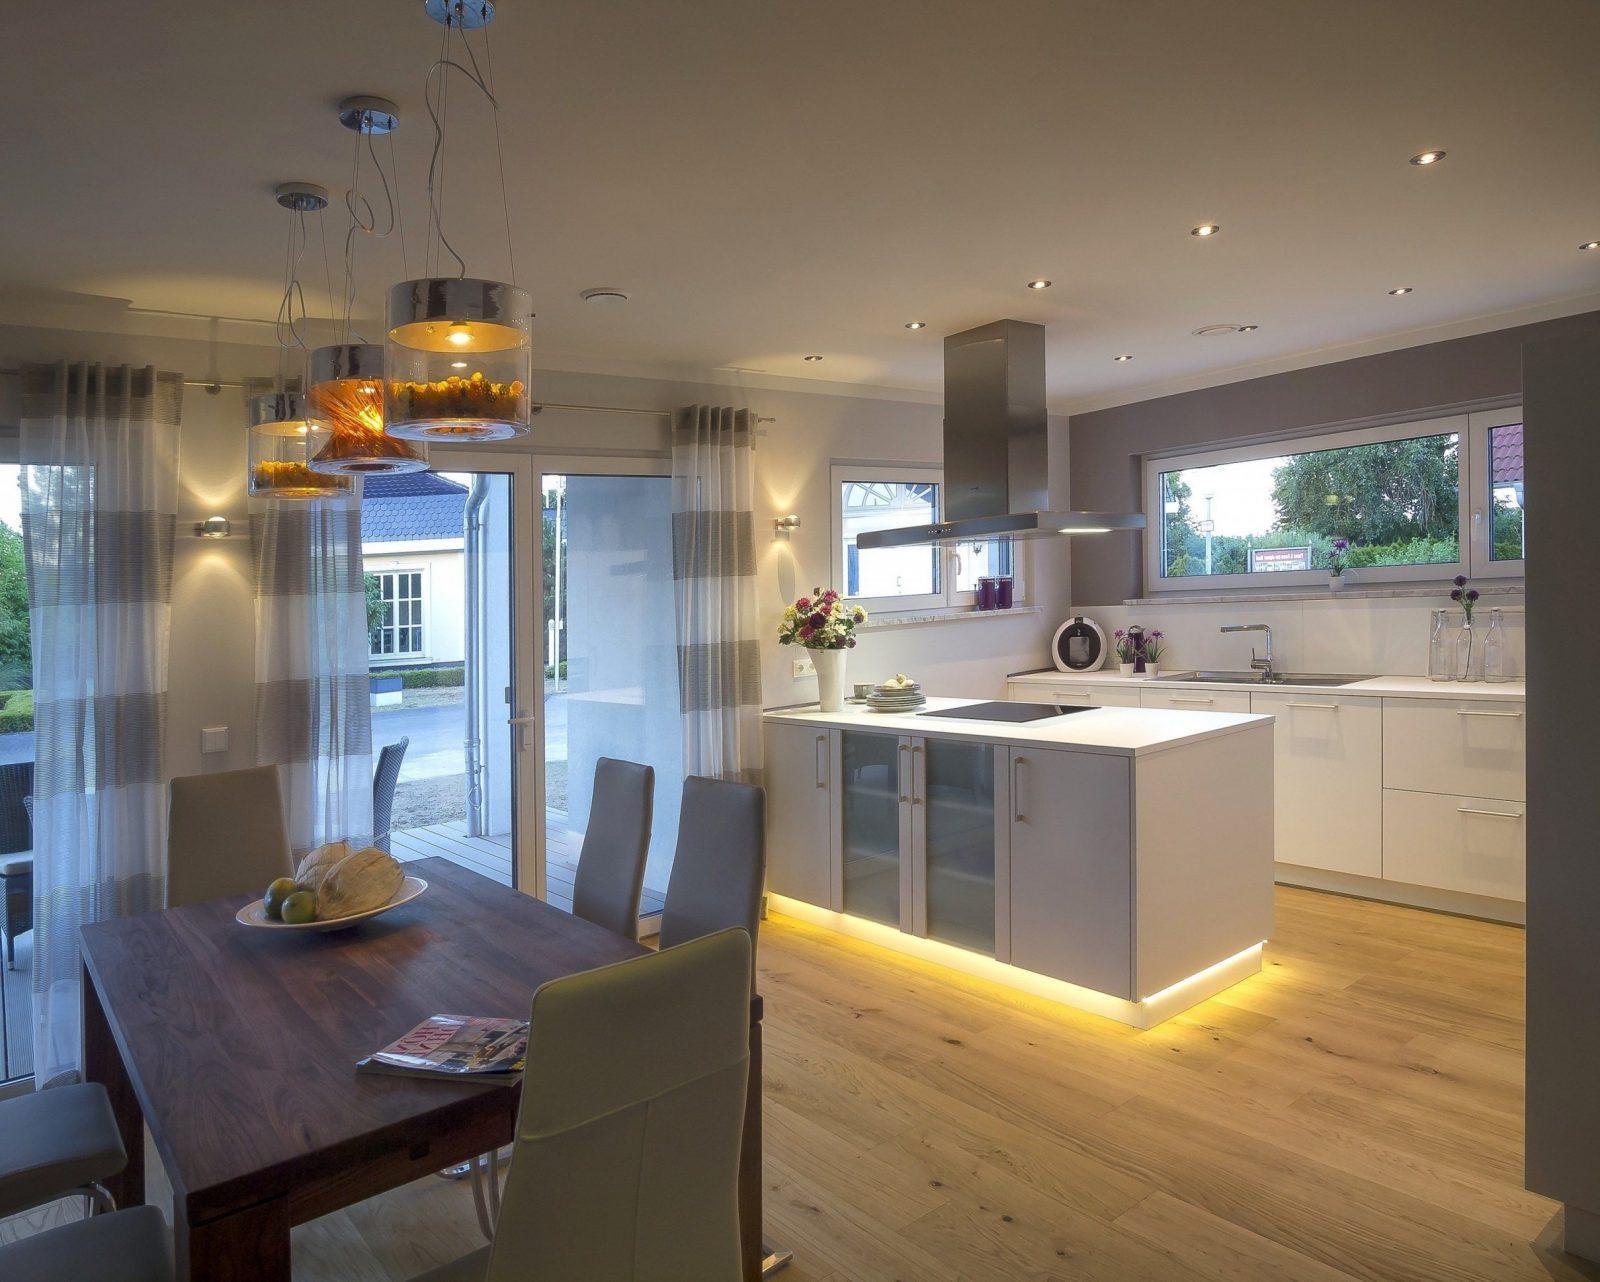 77 Designer Serie Offene Küche Wohnzimmer Ideen Design Und Umbau von Wohnzimmer Mit Küche Ideen Bild